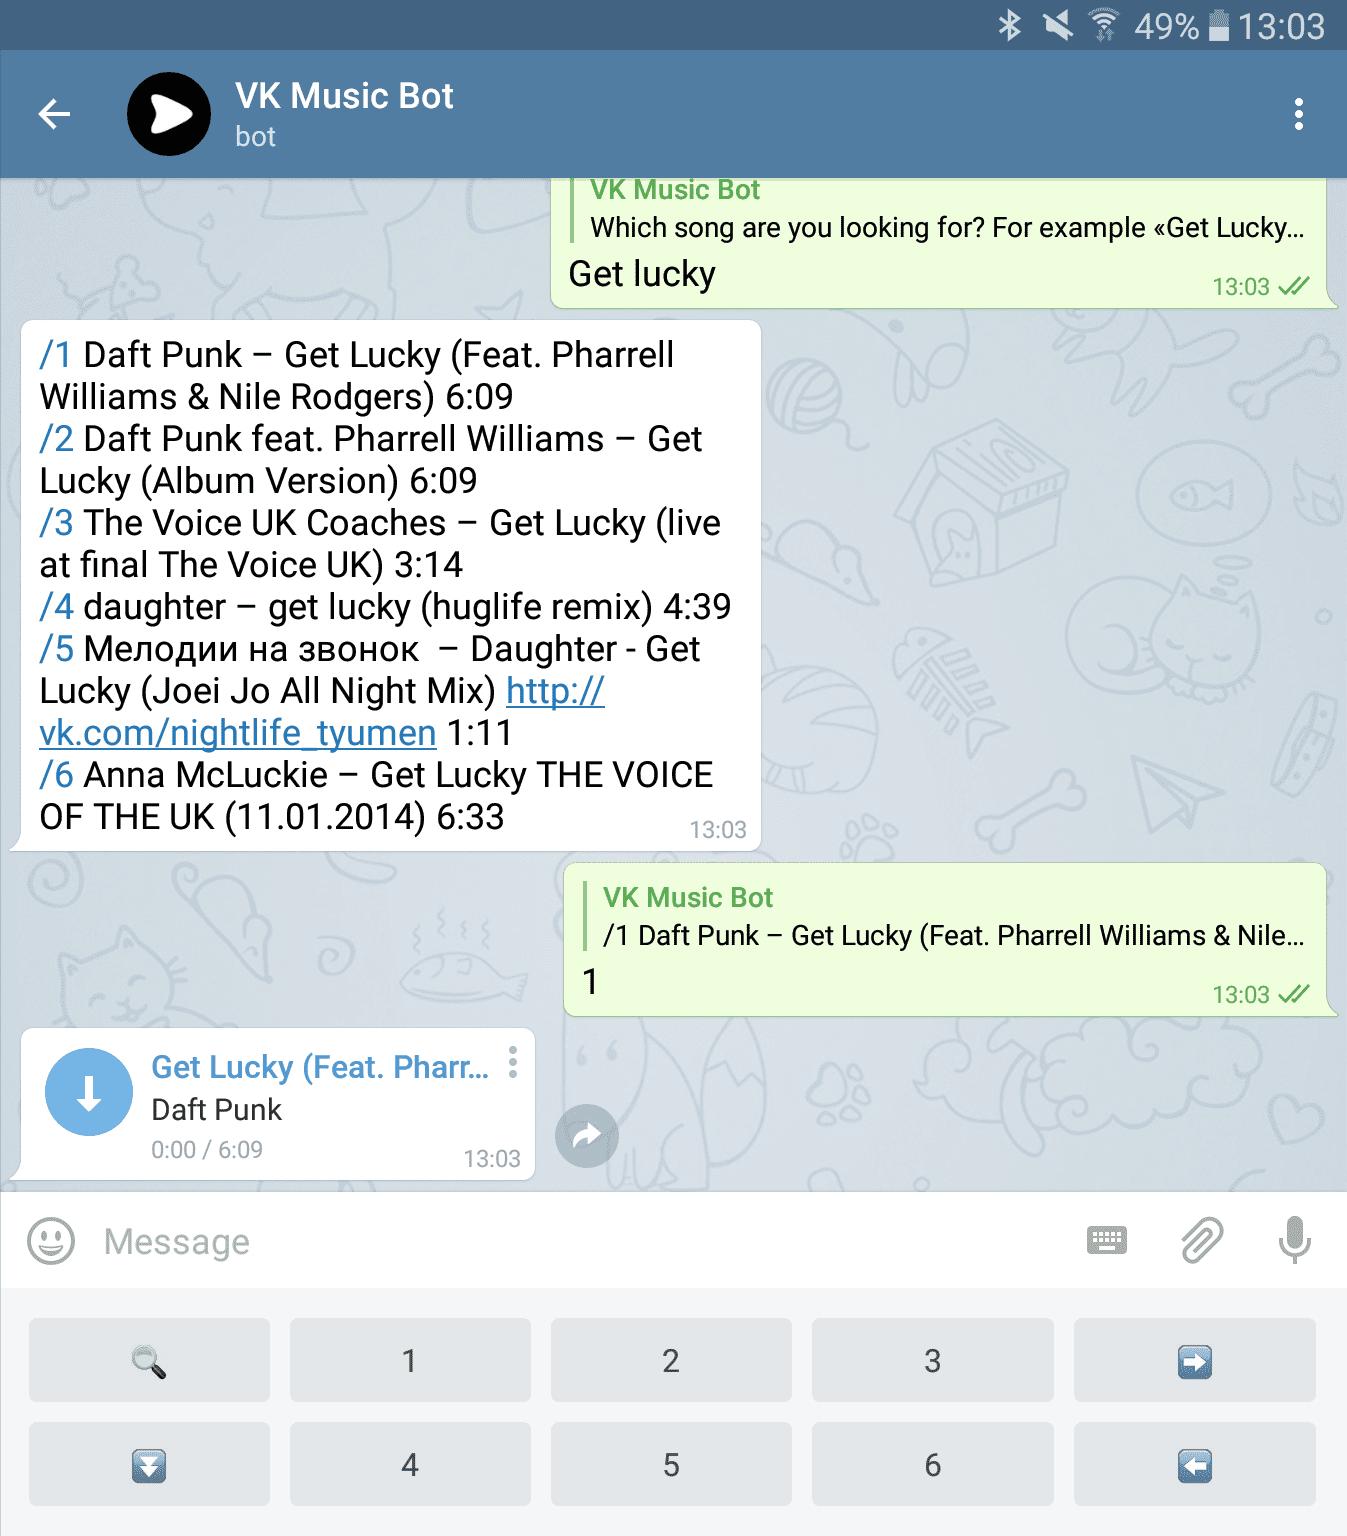 Скачать музыку ВК при помощи Telegram бота